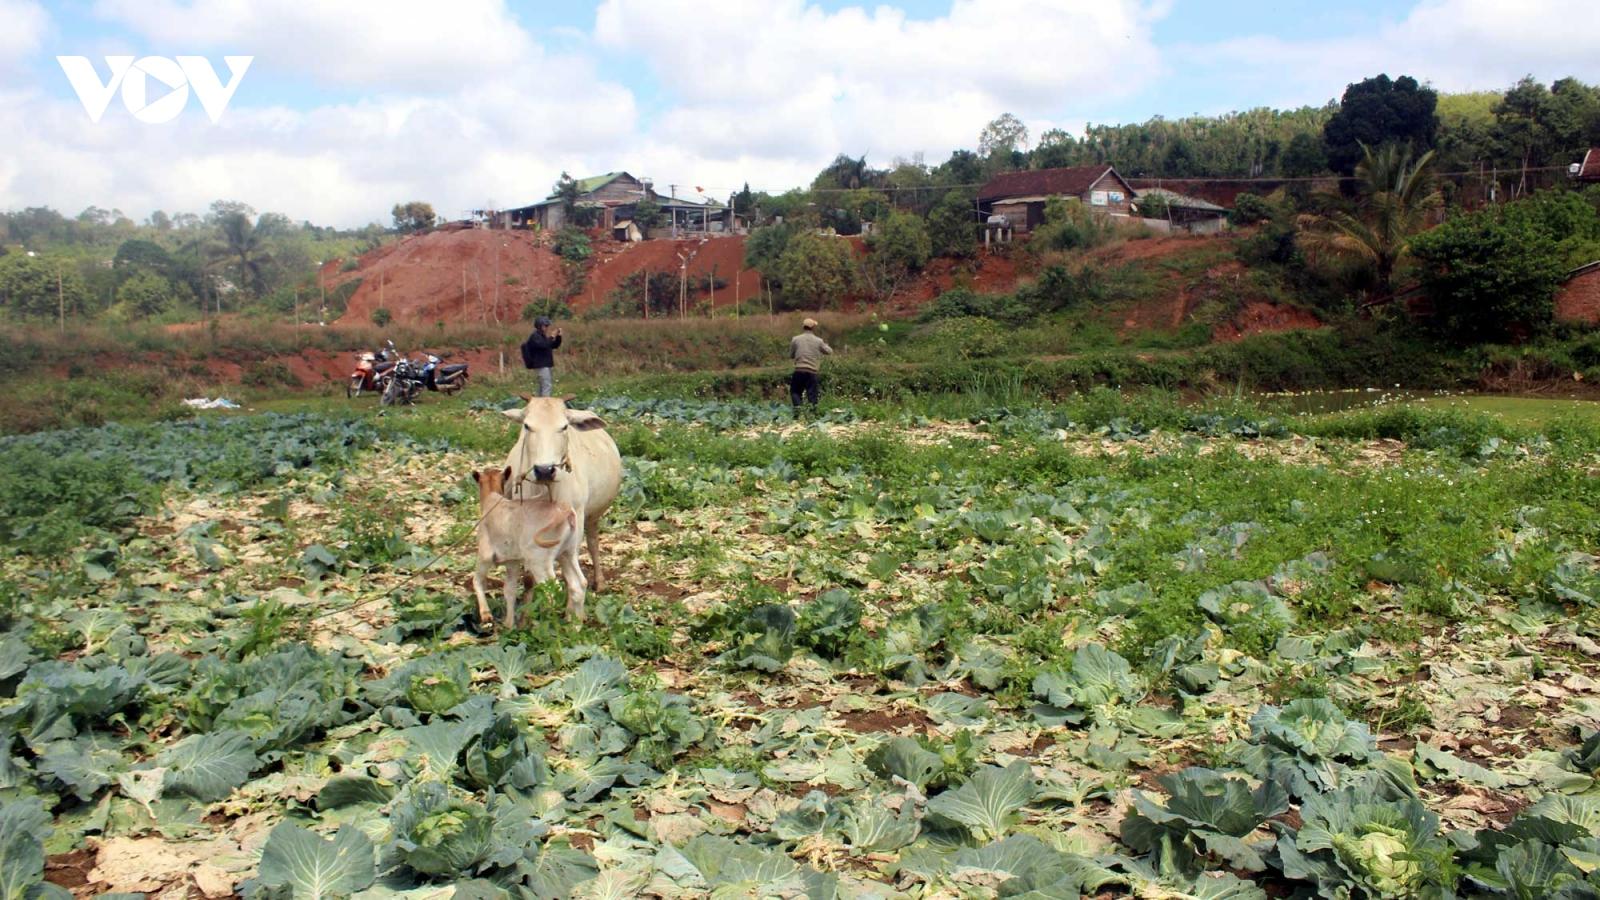 Rau bán không ai mua, nhà vườn Đắk Song (Đắk Nông) ồ ạt bỏ vườn